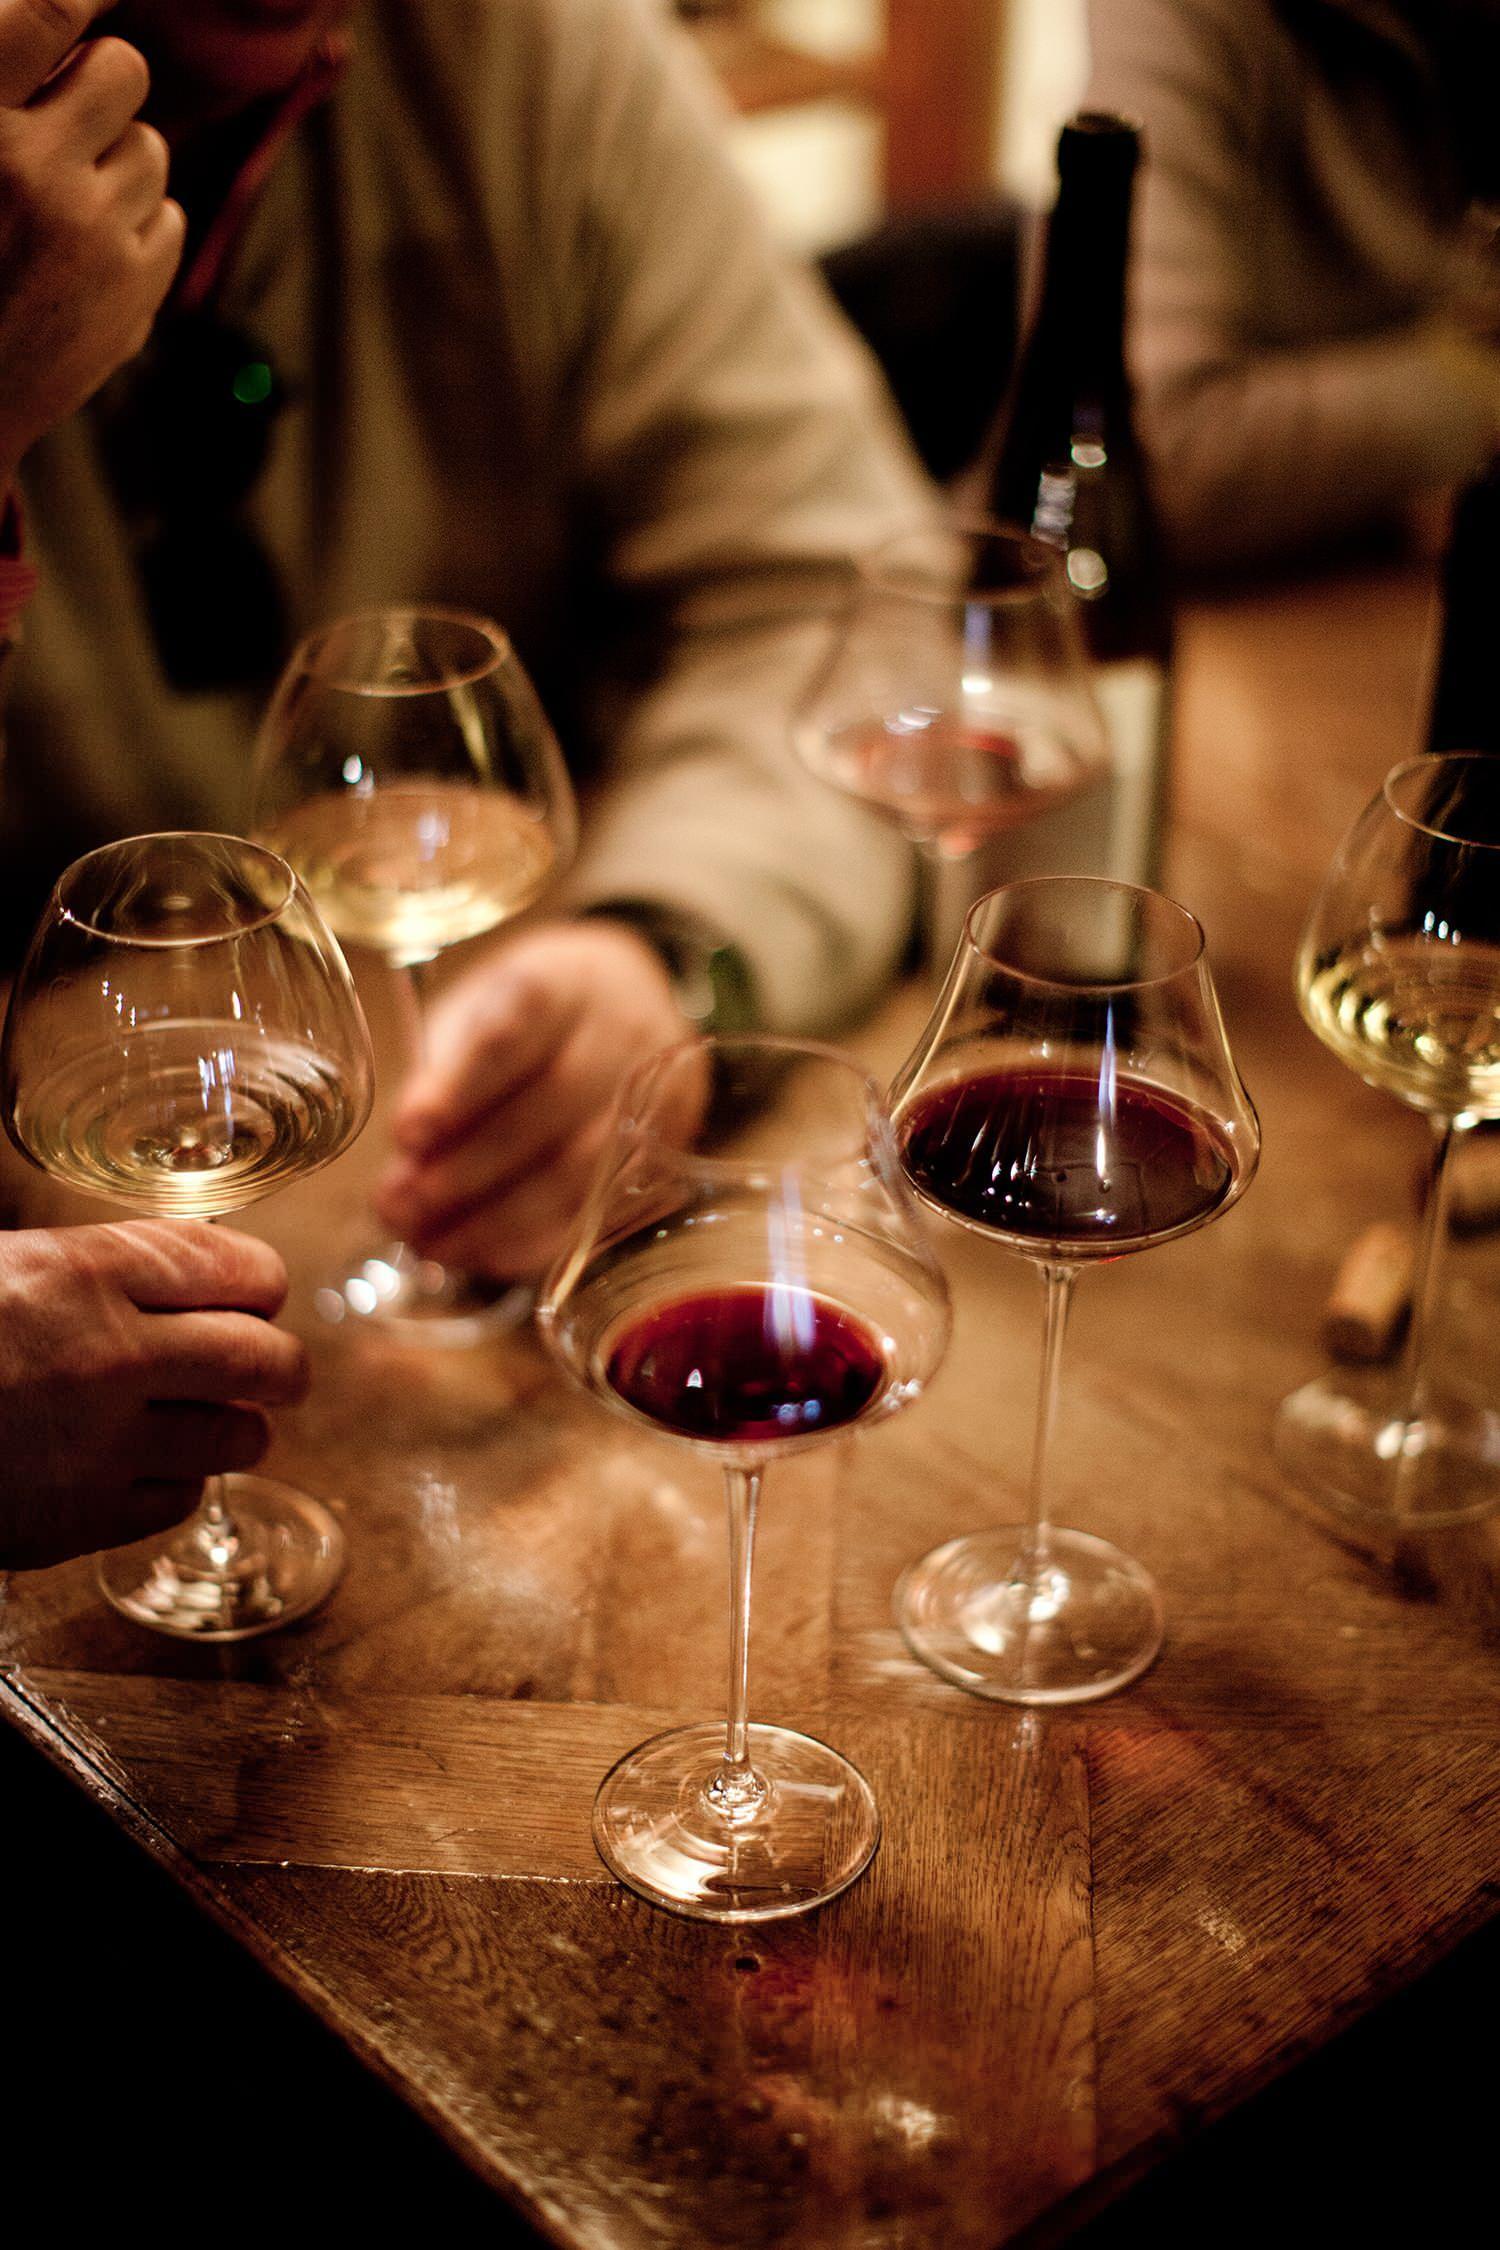 wijn-gezondere-levensstijl-femfem